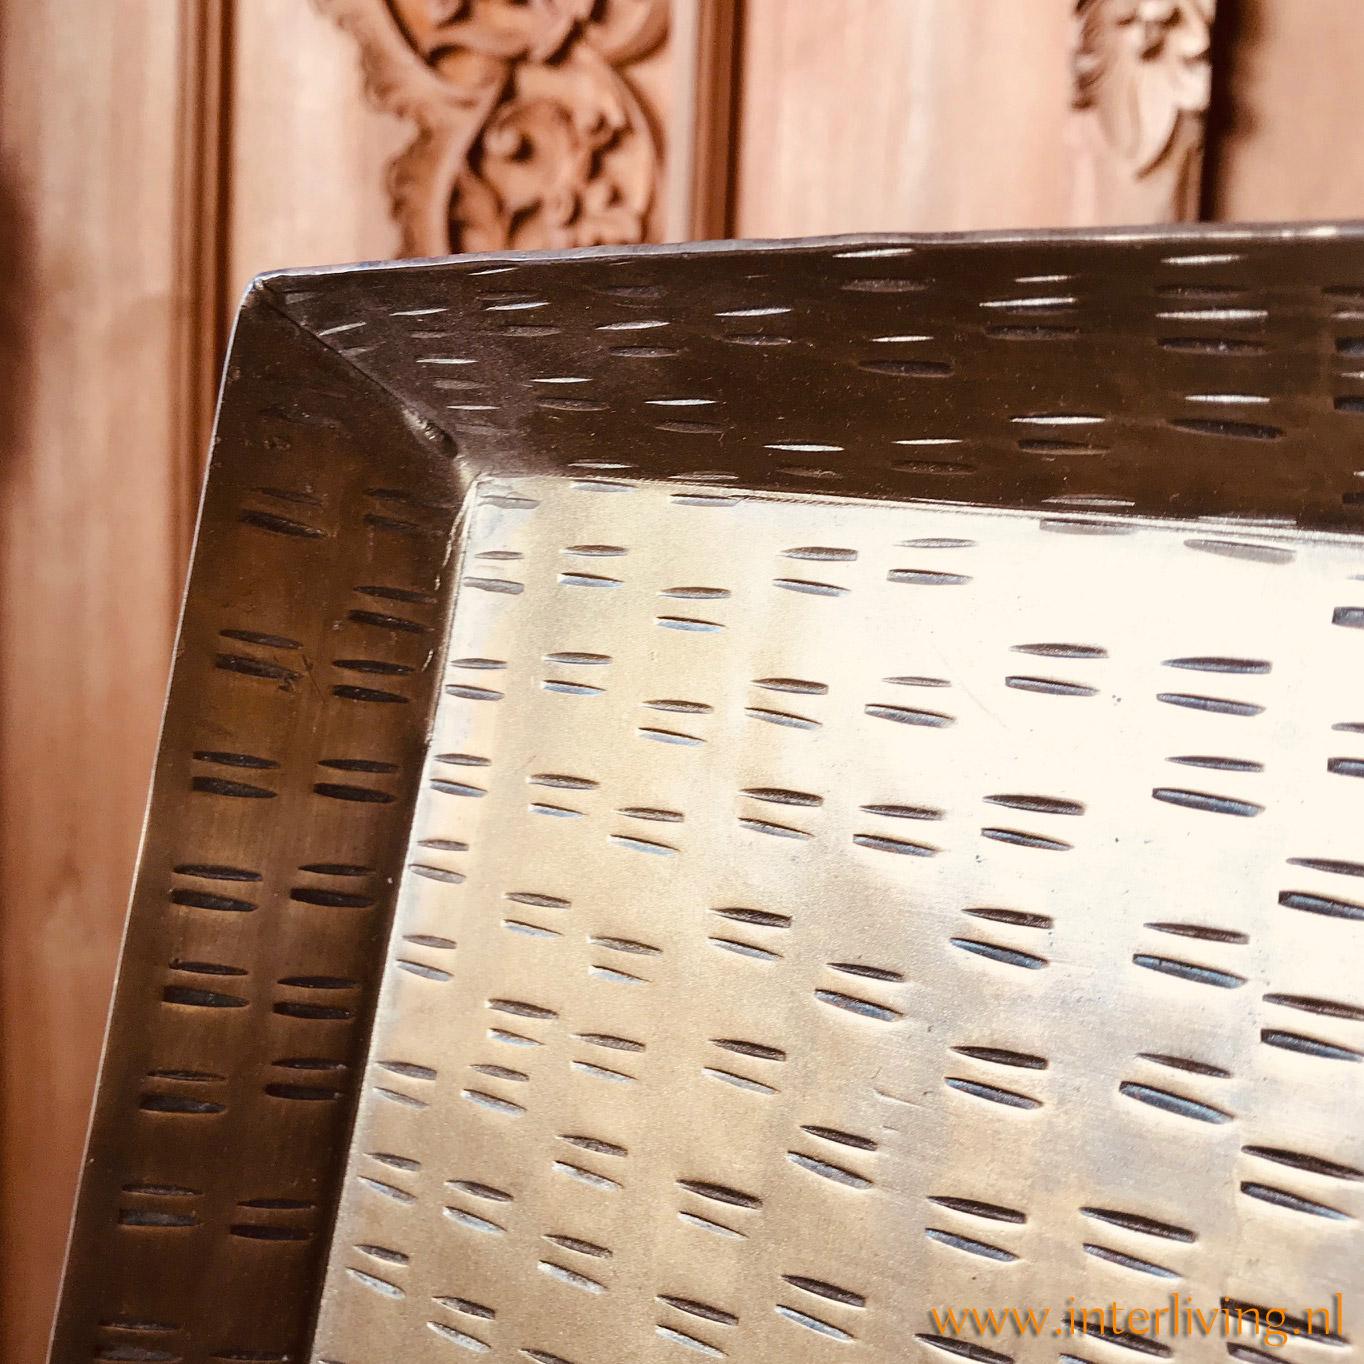 strak dienblad - vierkant Xl model - goud kleur metaal